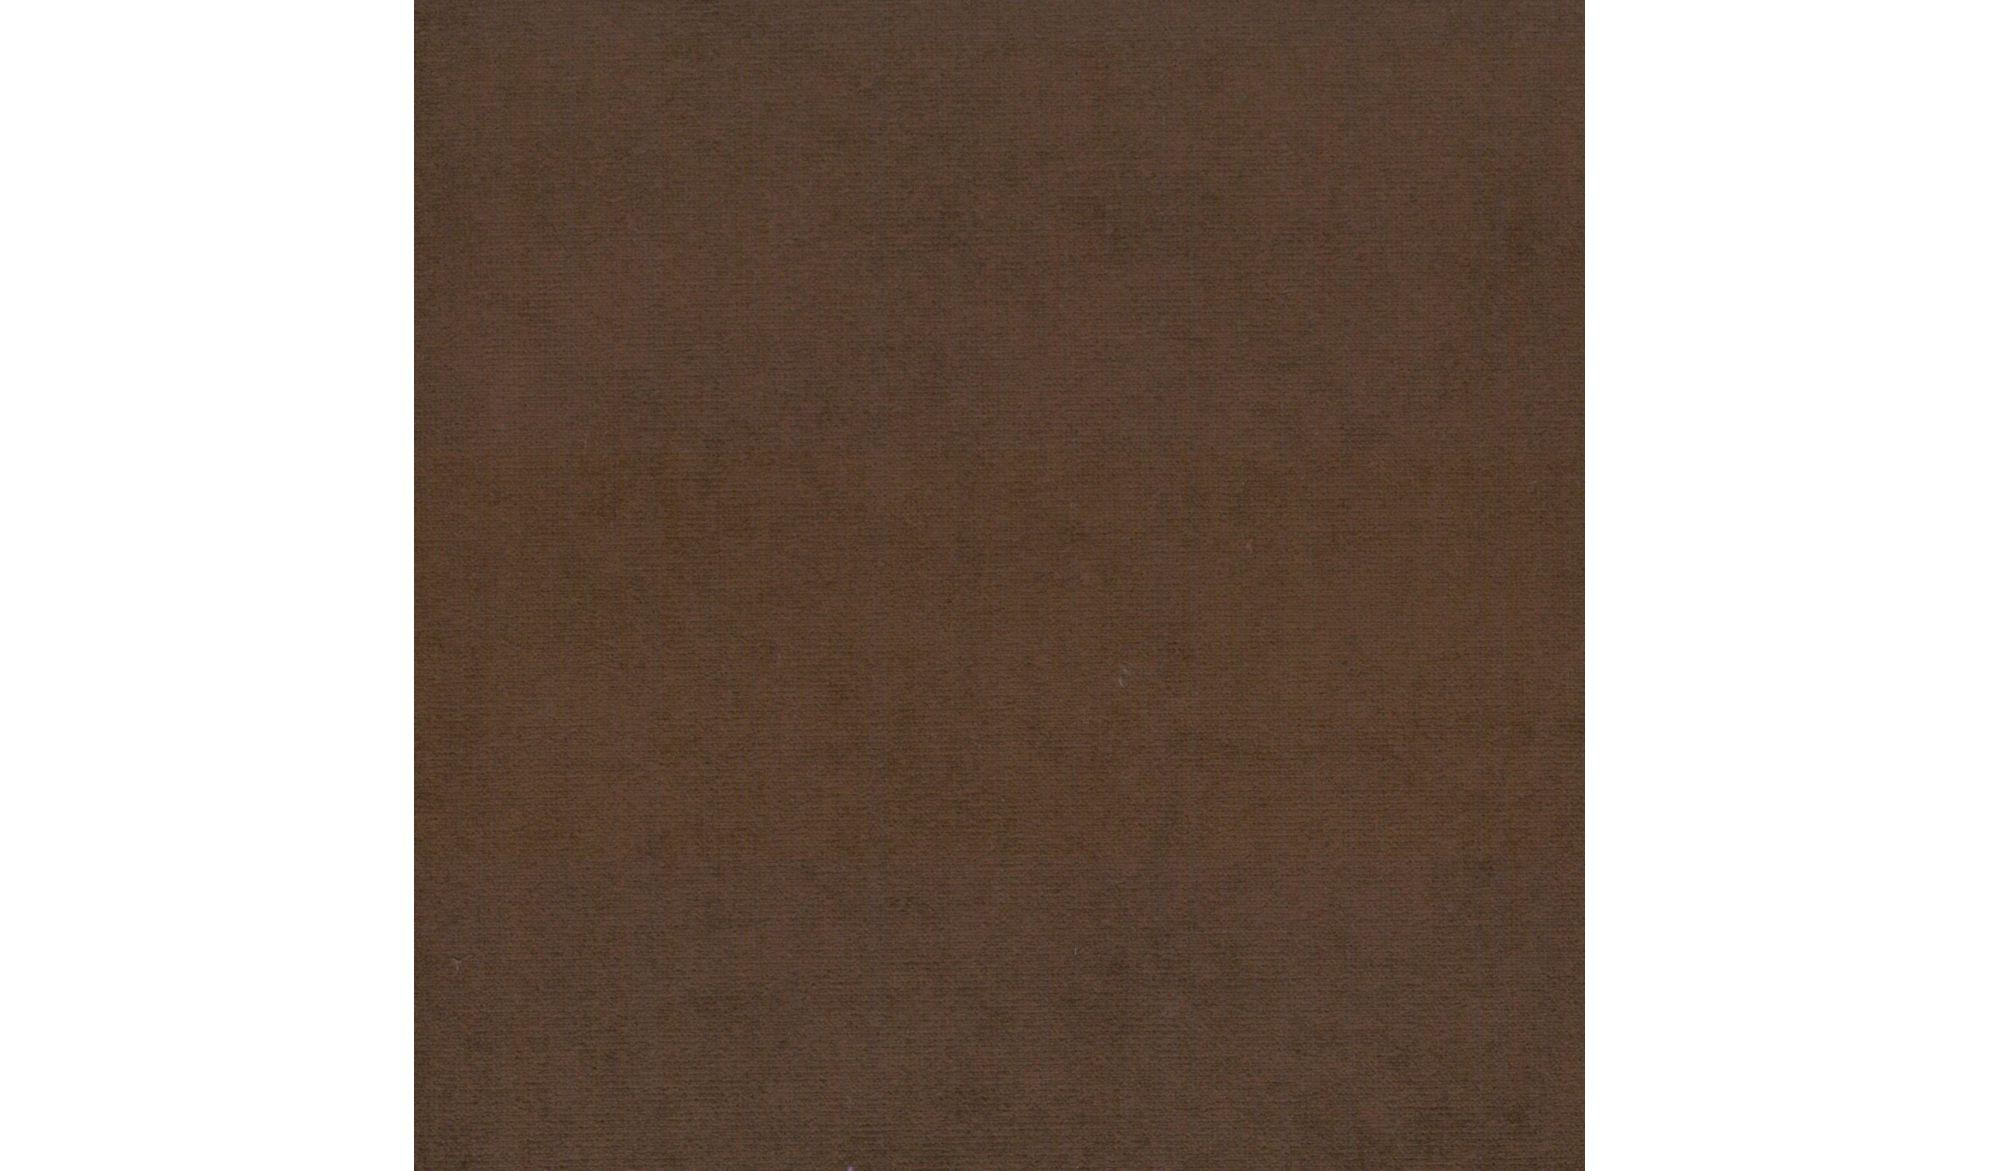 SCOT Cocoa-20